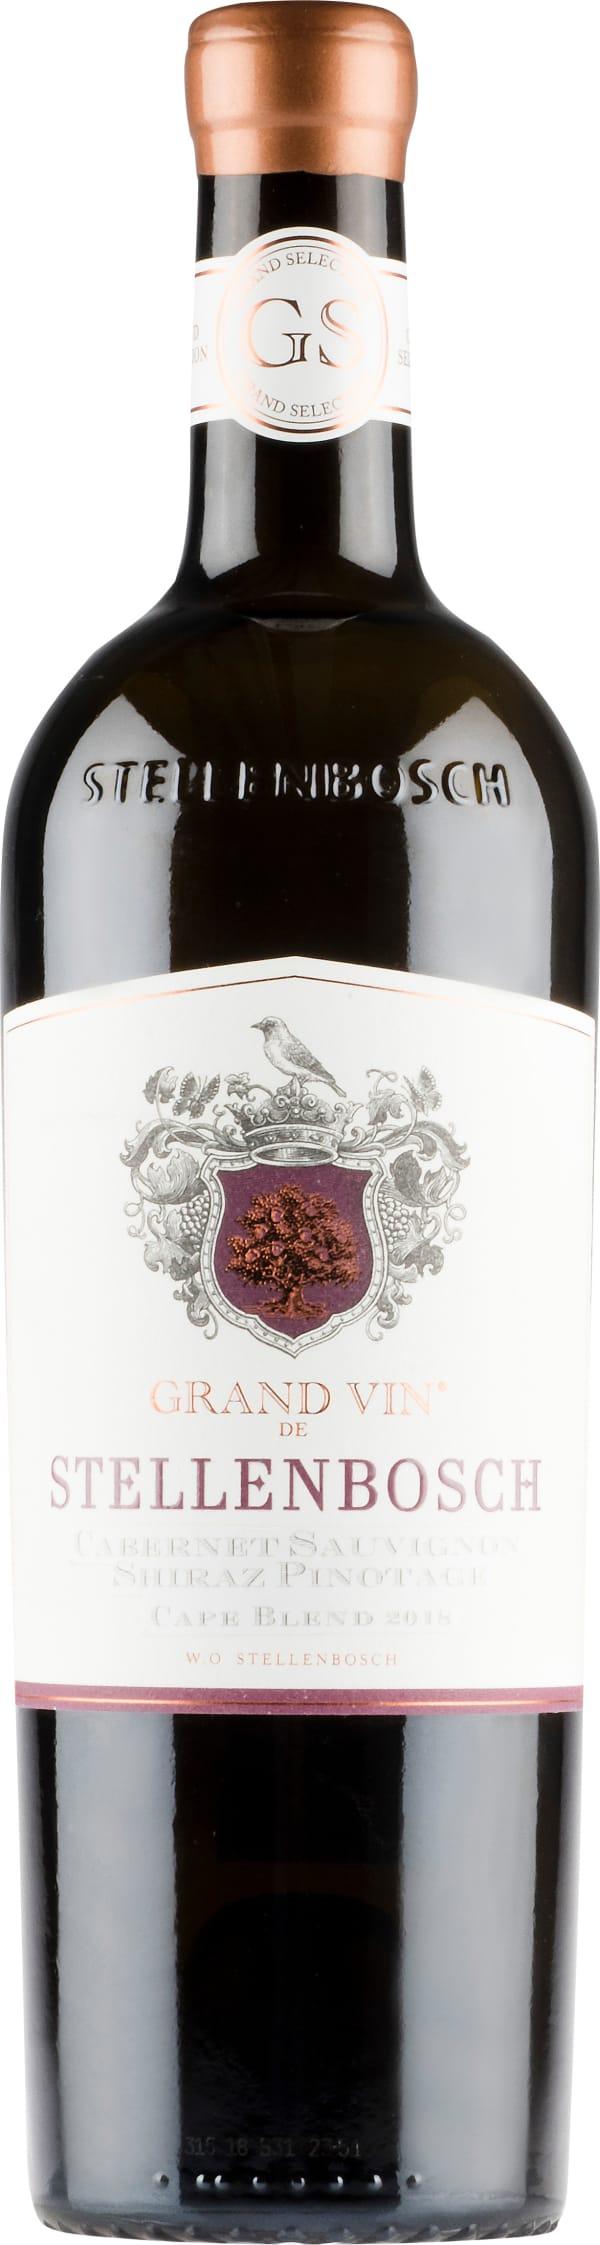 Grand Vin de Stellenbosch Cape Blend 2019